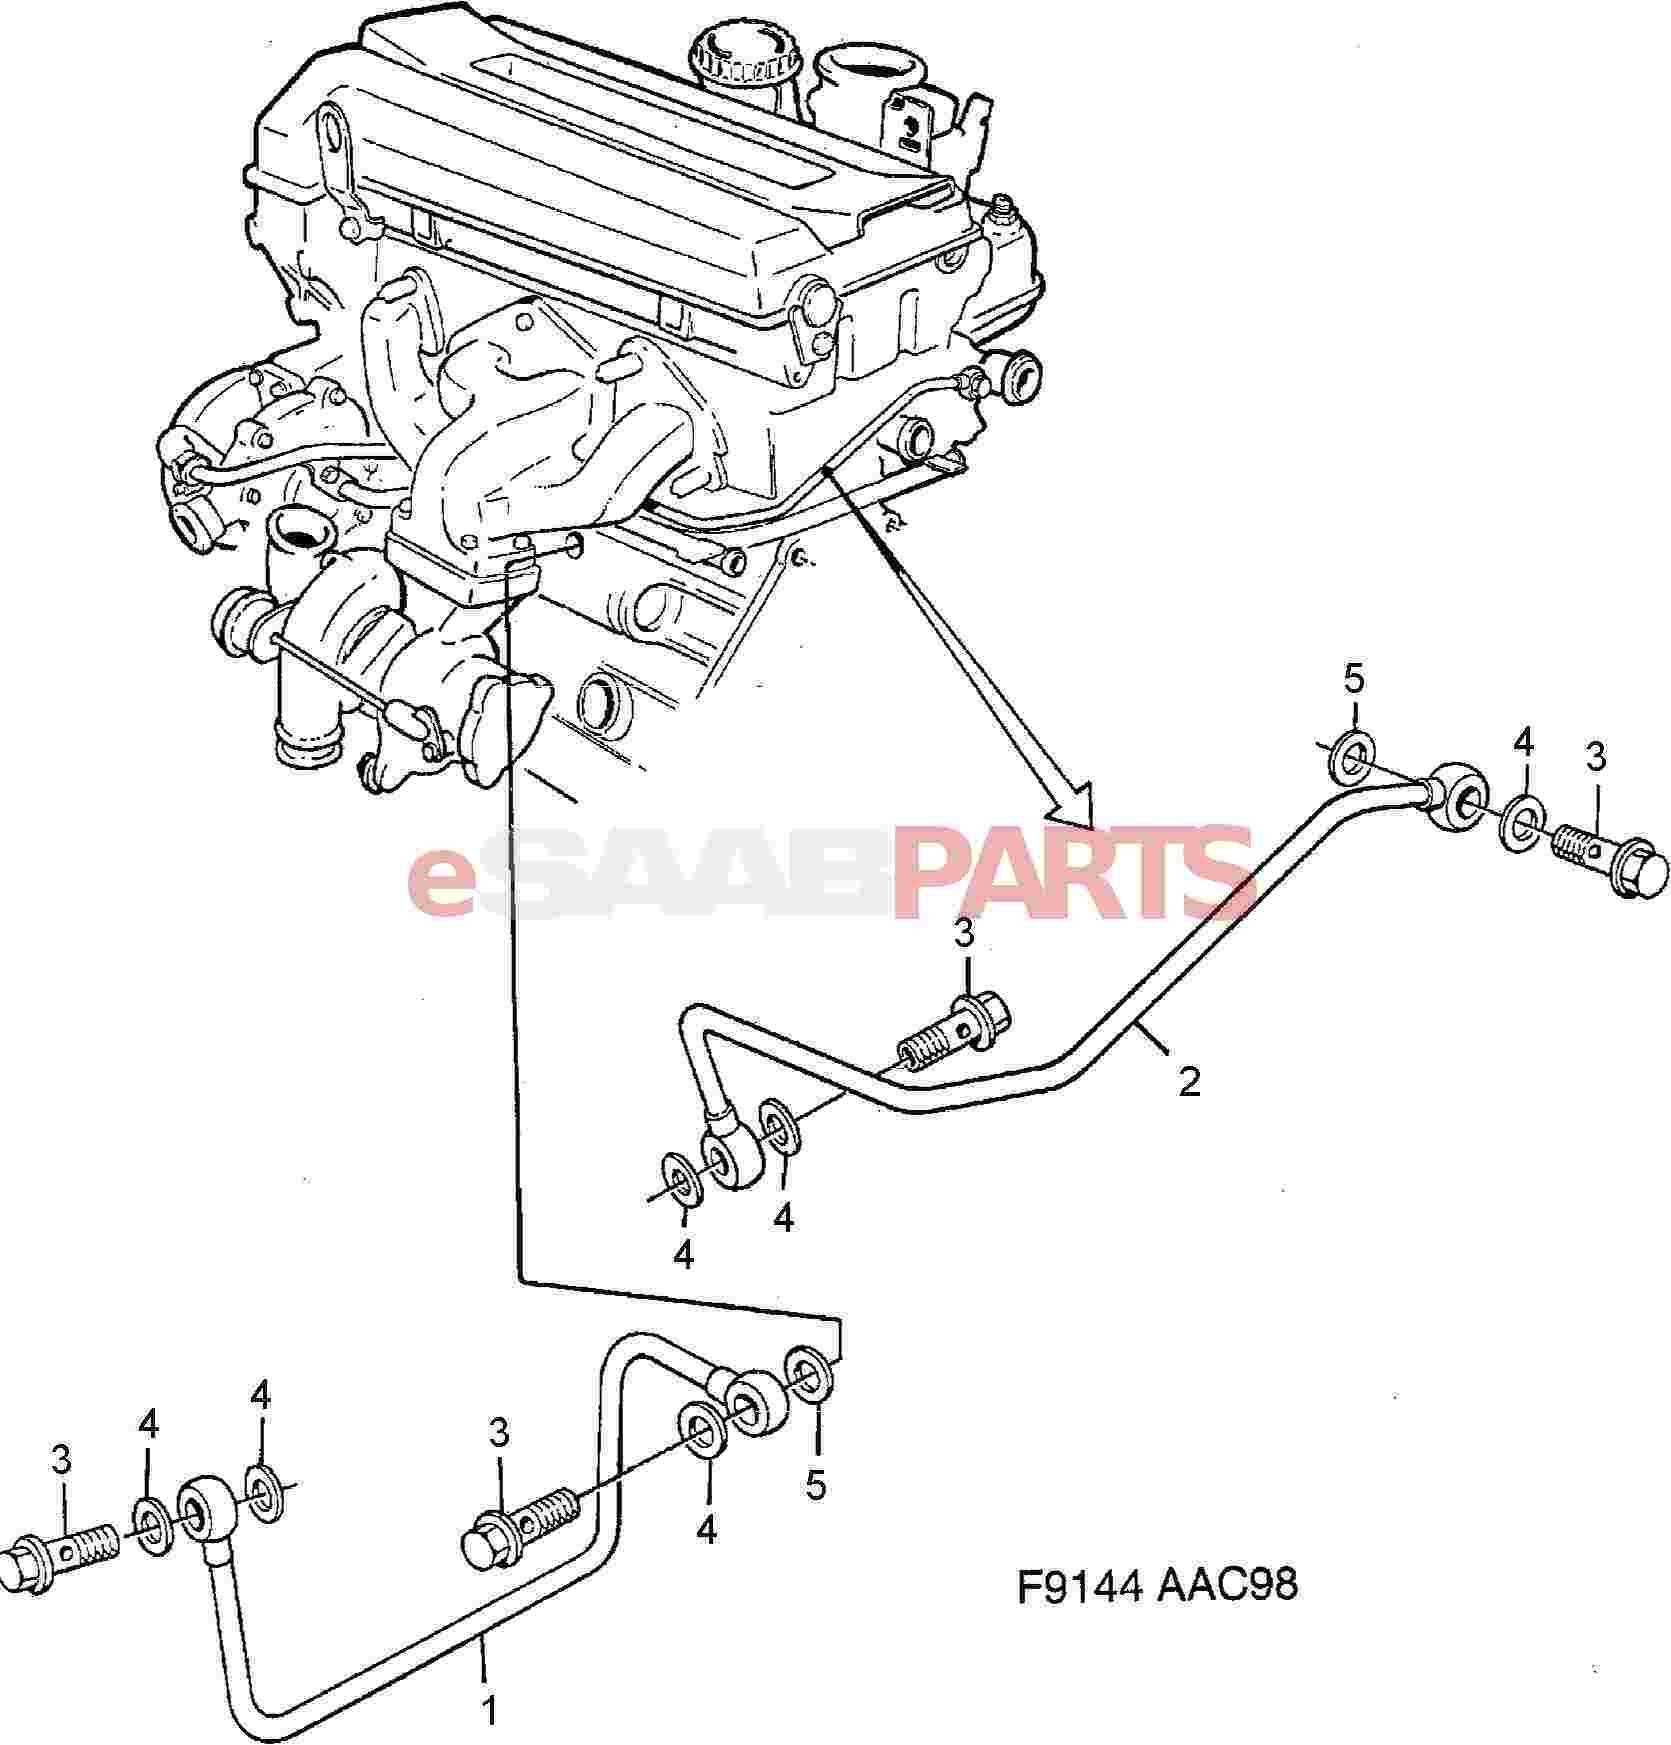 Saab 900 Parts Diagram